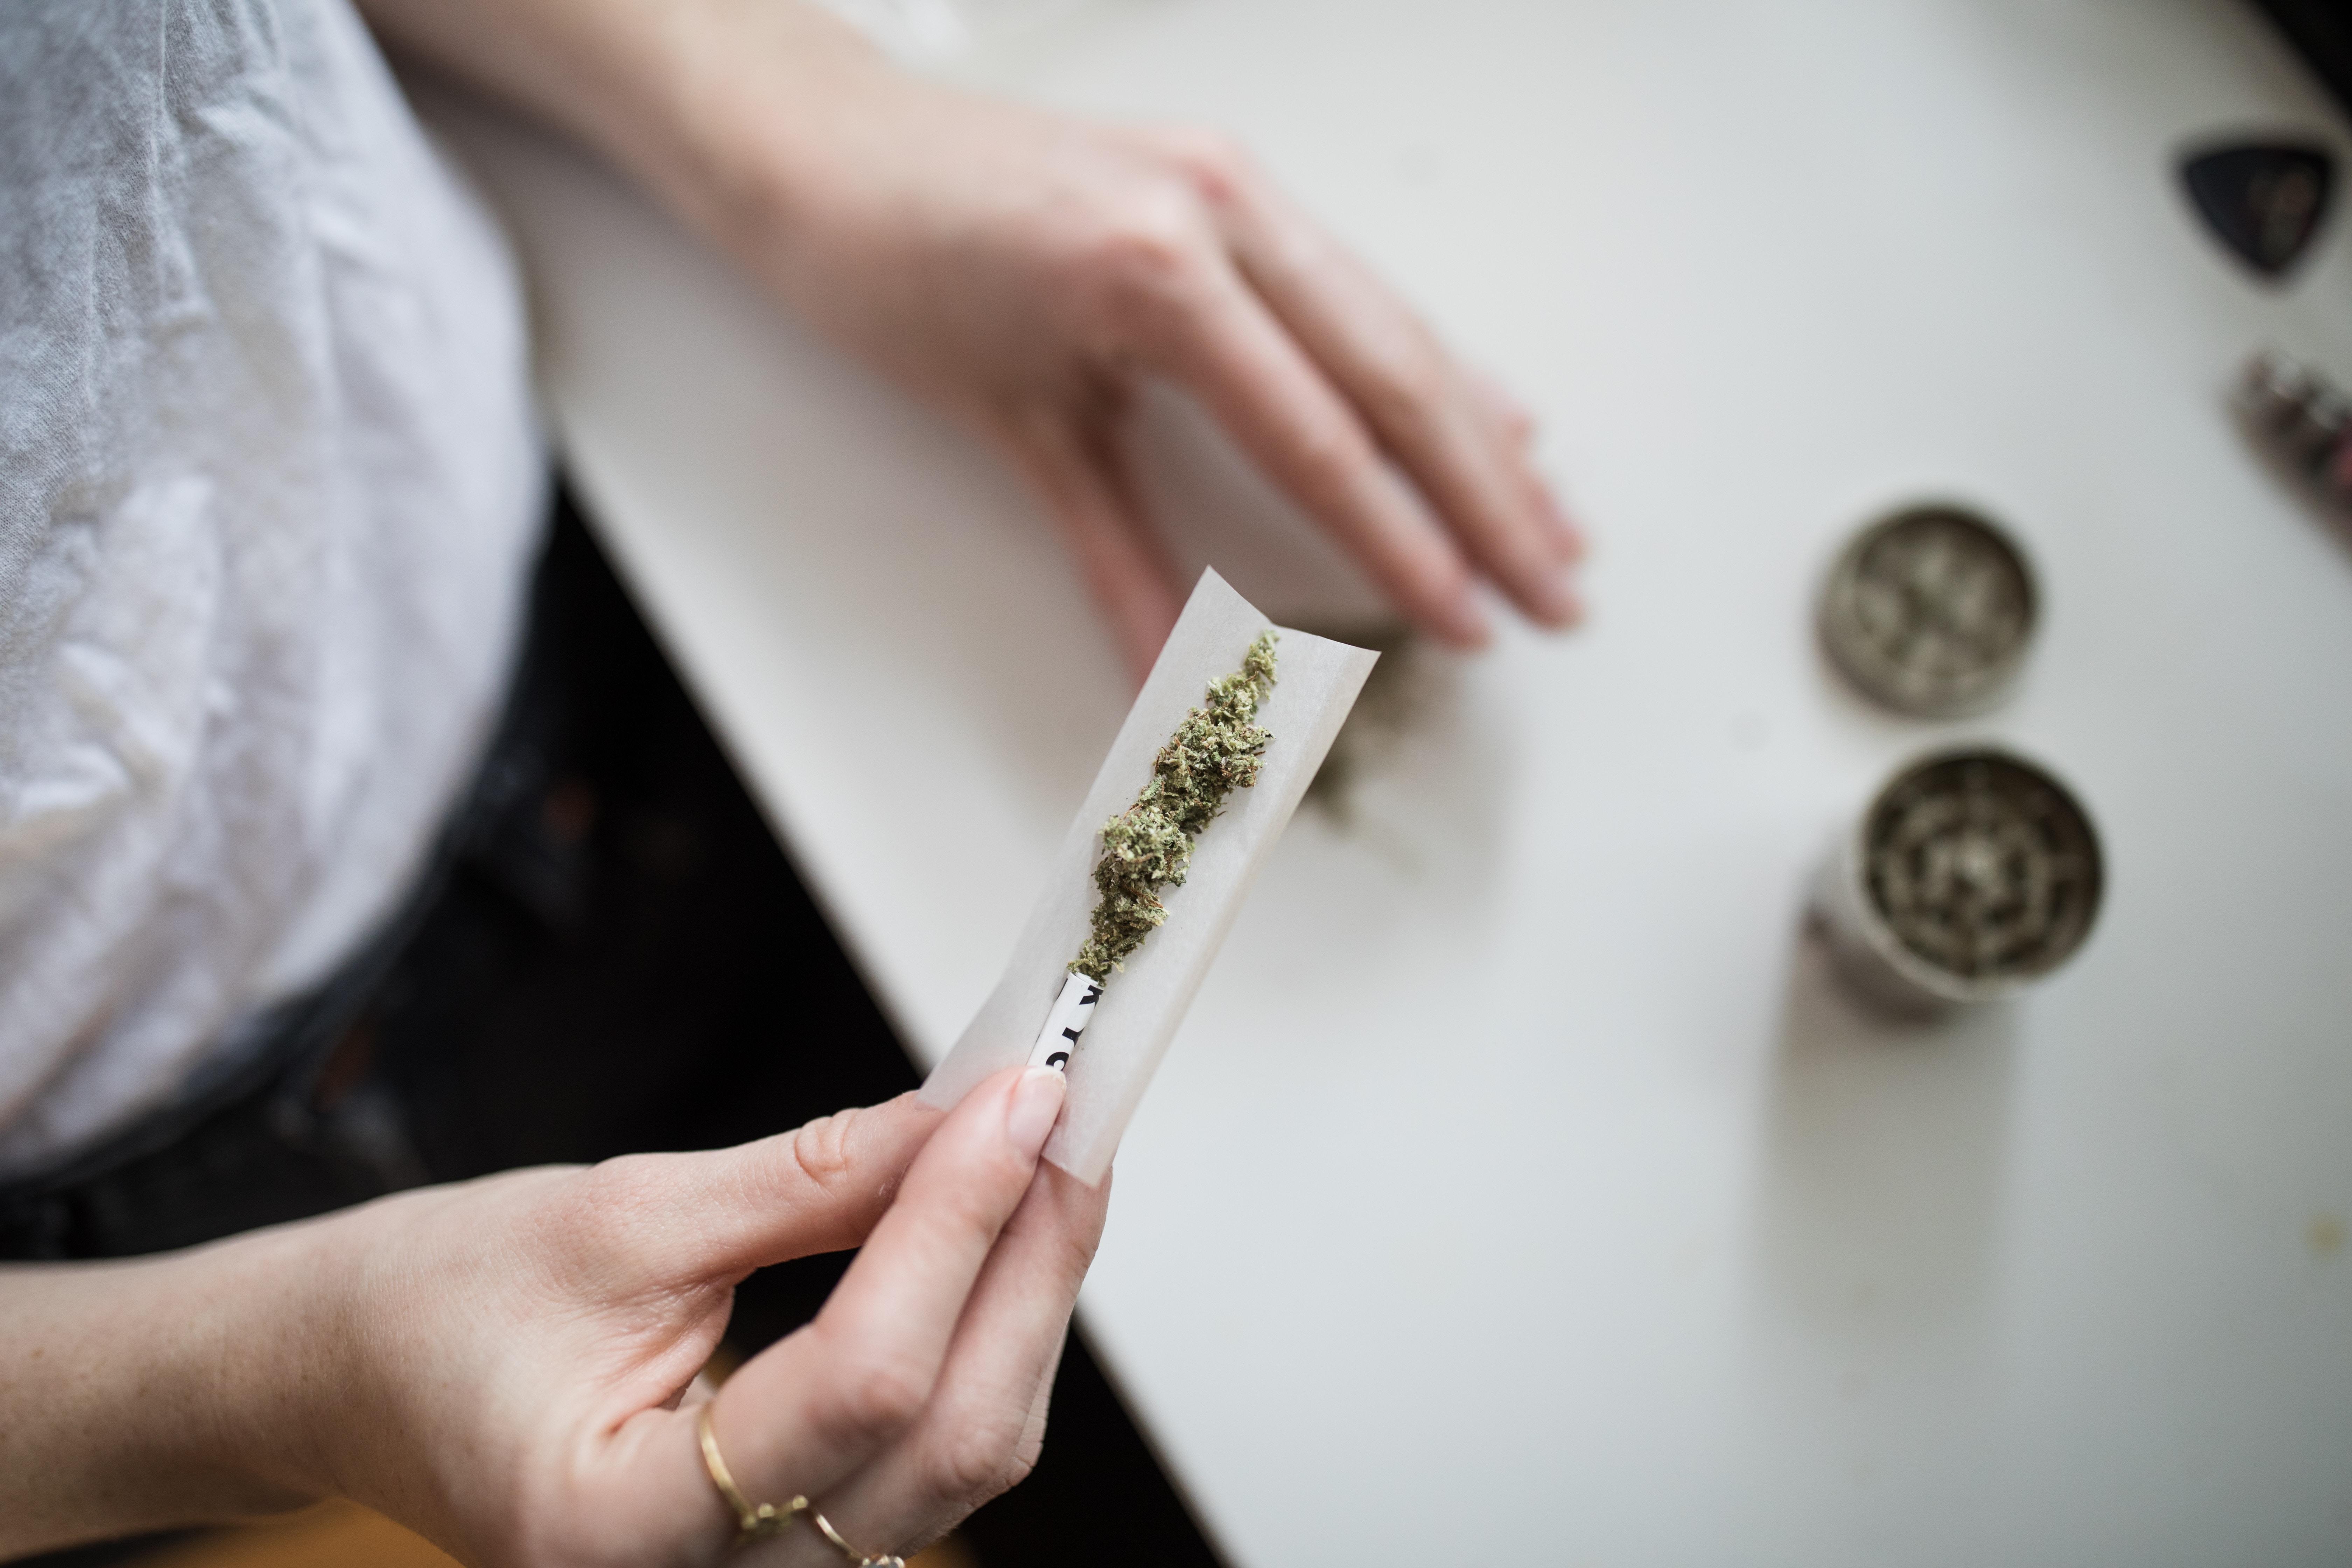 Legalna marihuana nie oznacza wzrostu jej konsumpcji w przypadku nastolatków